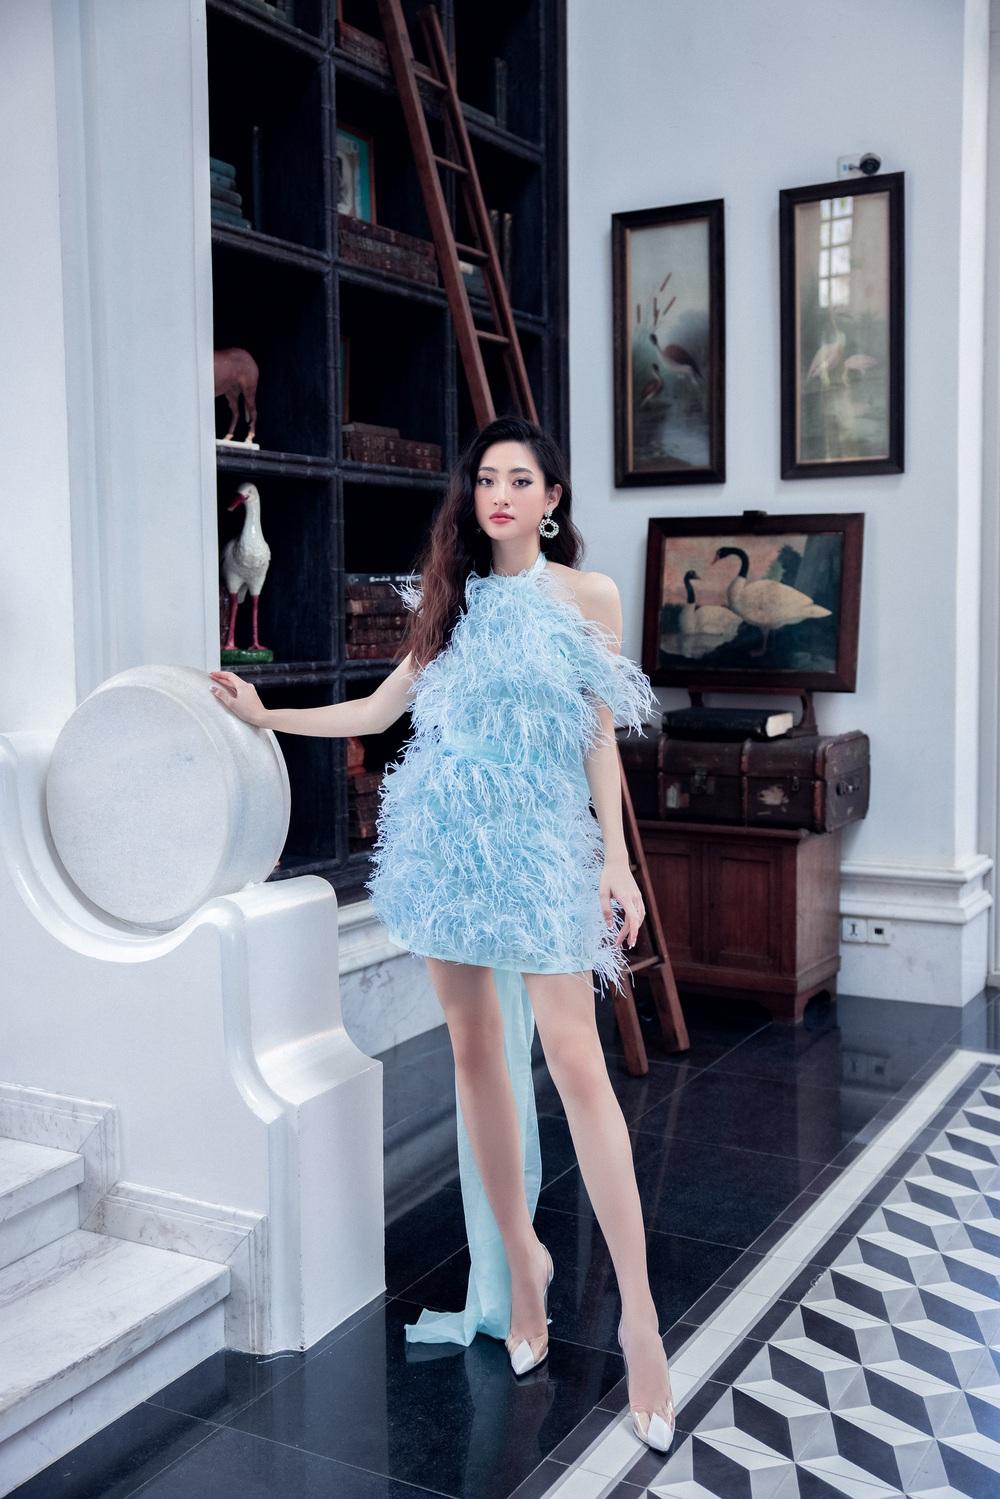 Hoa hậu Đỗ Thị Hà khác lạ với tóc mái ngang - Ảnh 9.